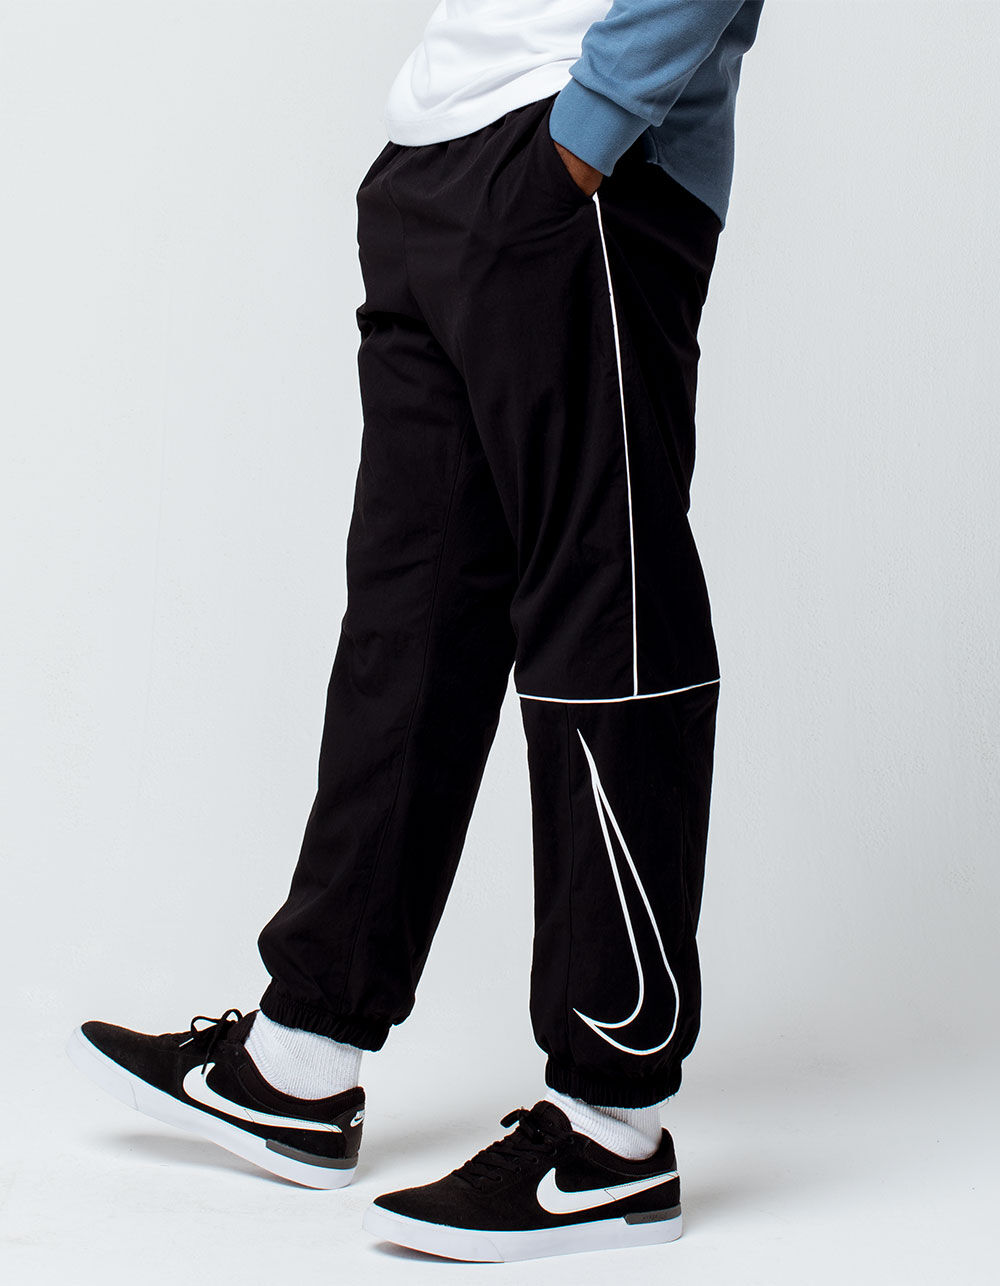 NIKE SB Swoosh Black Track Pants